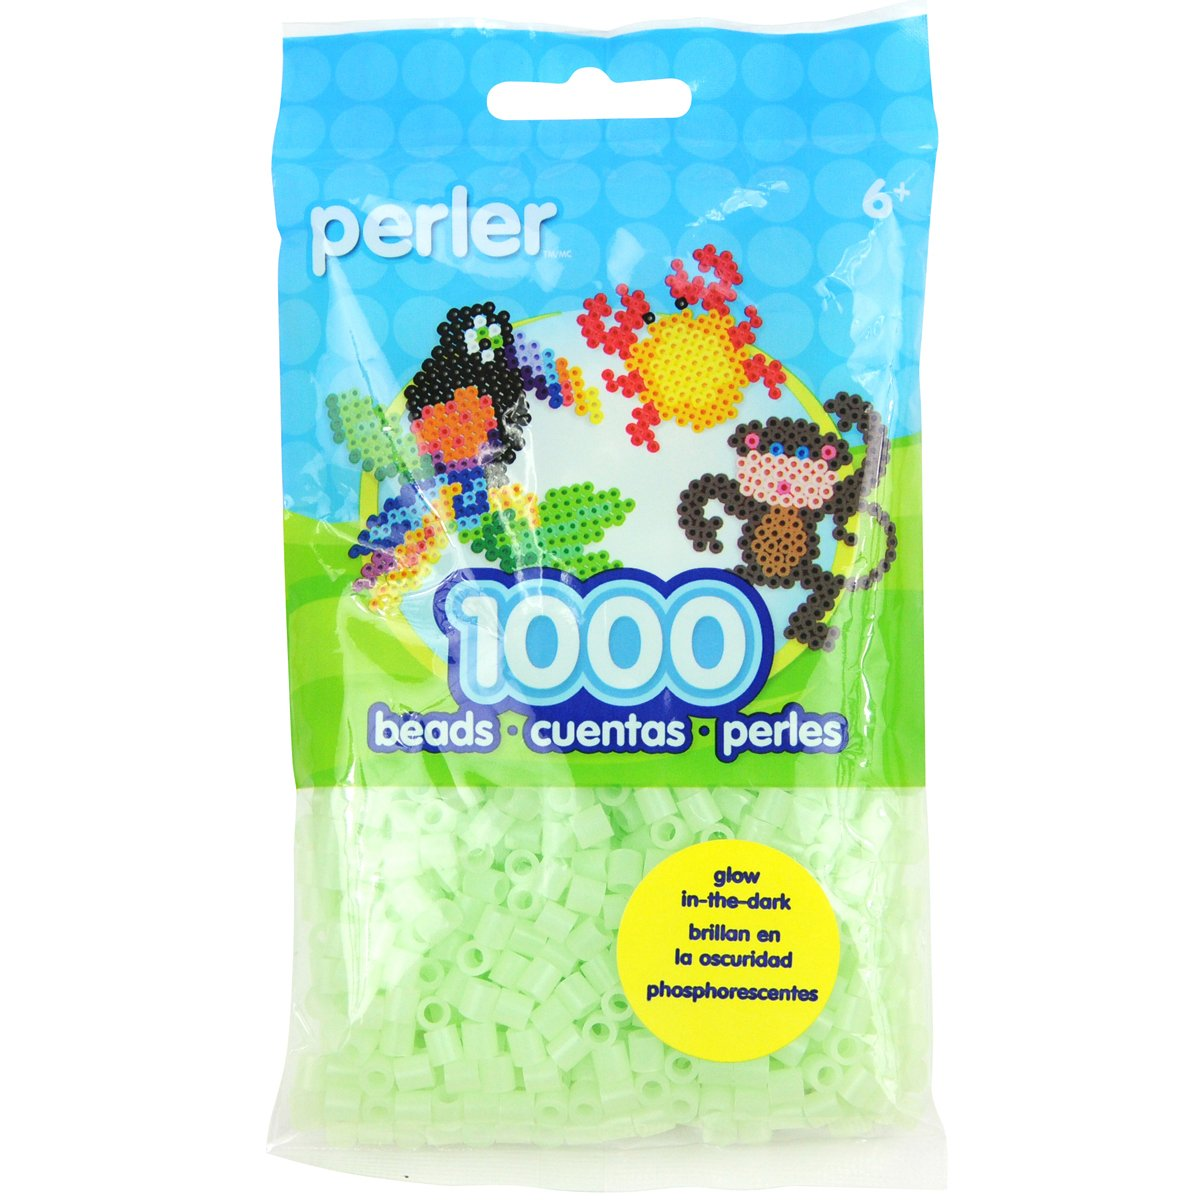 Perler Bead Bag Glow-in-The-Dark Green